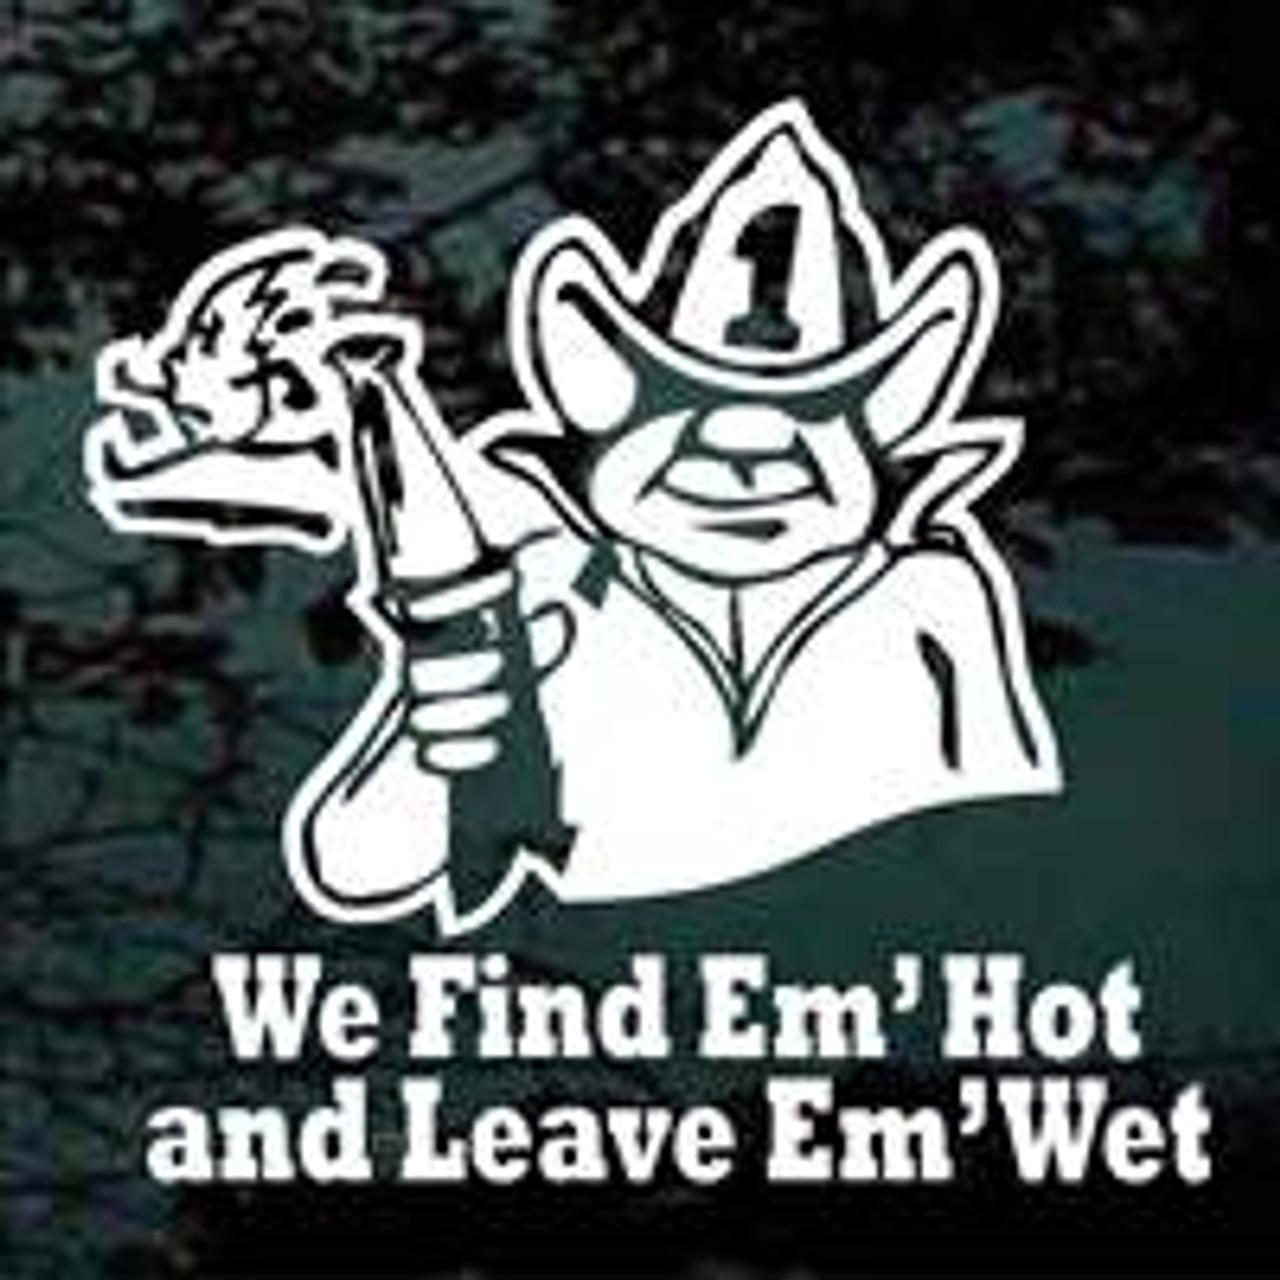 Find Em Hot Leave Em' Wet